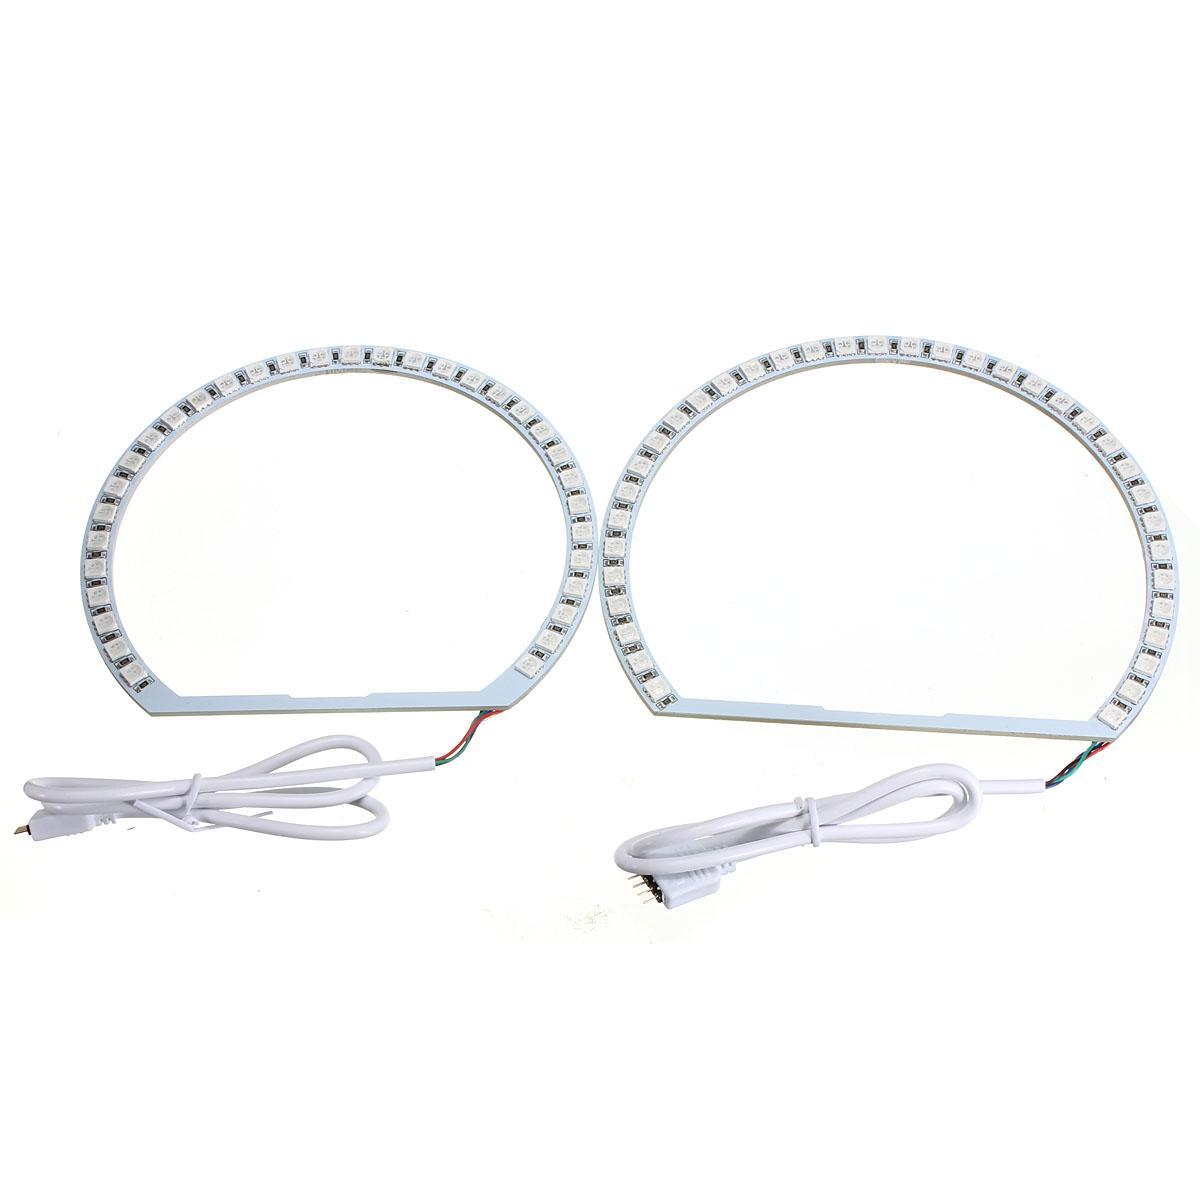 multi-color rgb led flash strobe light angel eye rings for